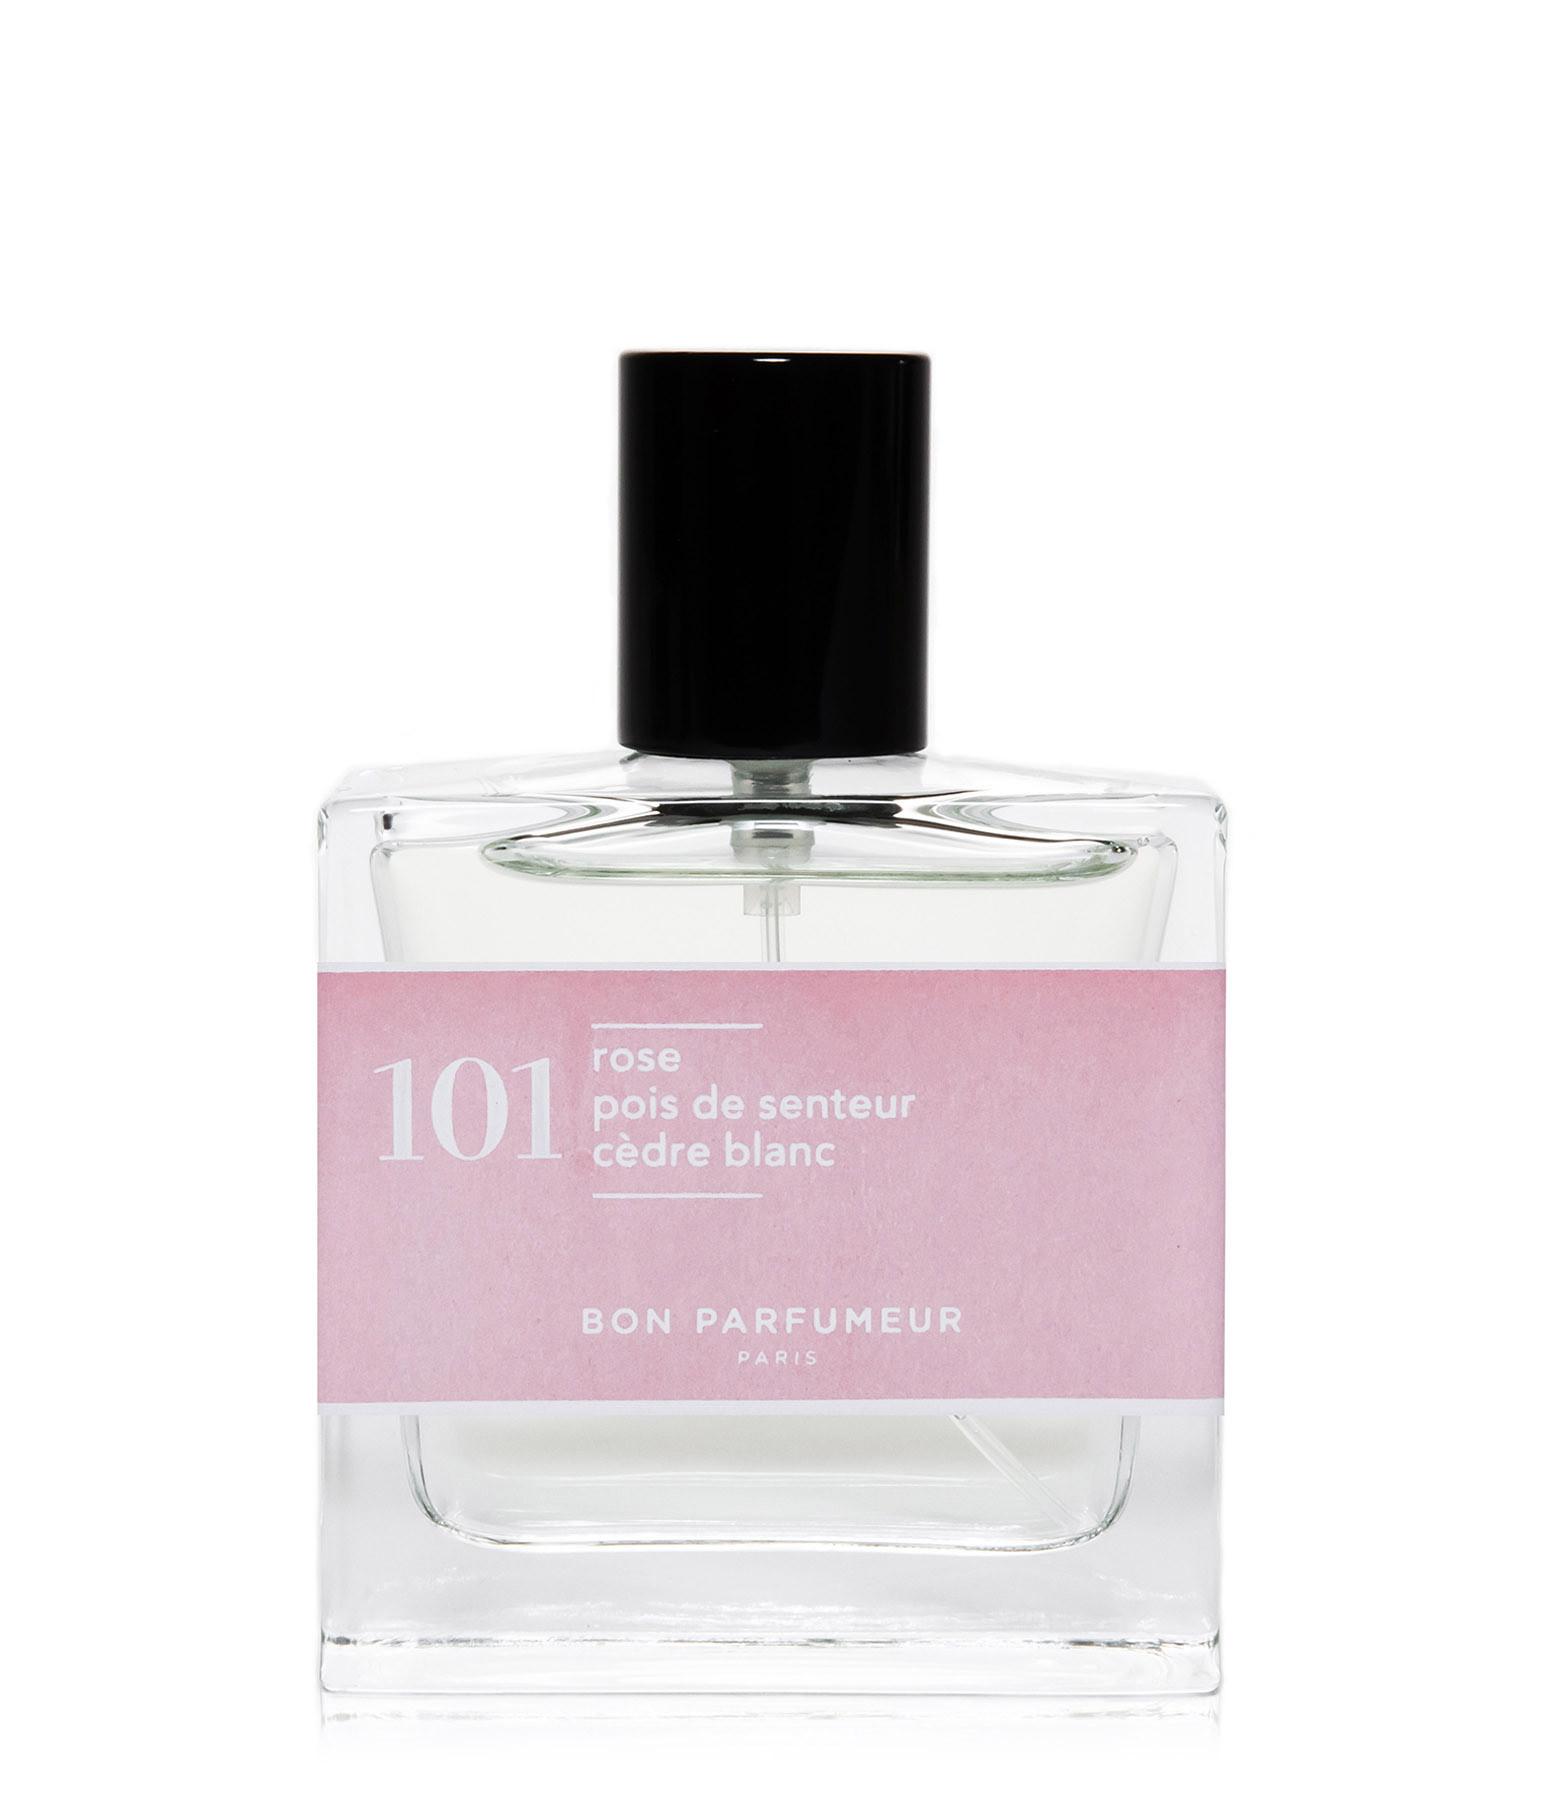 BON PARFUMEUR - Eau de Parfum #101 Rose, Pois de Senteur,Patchouli